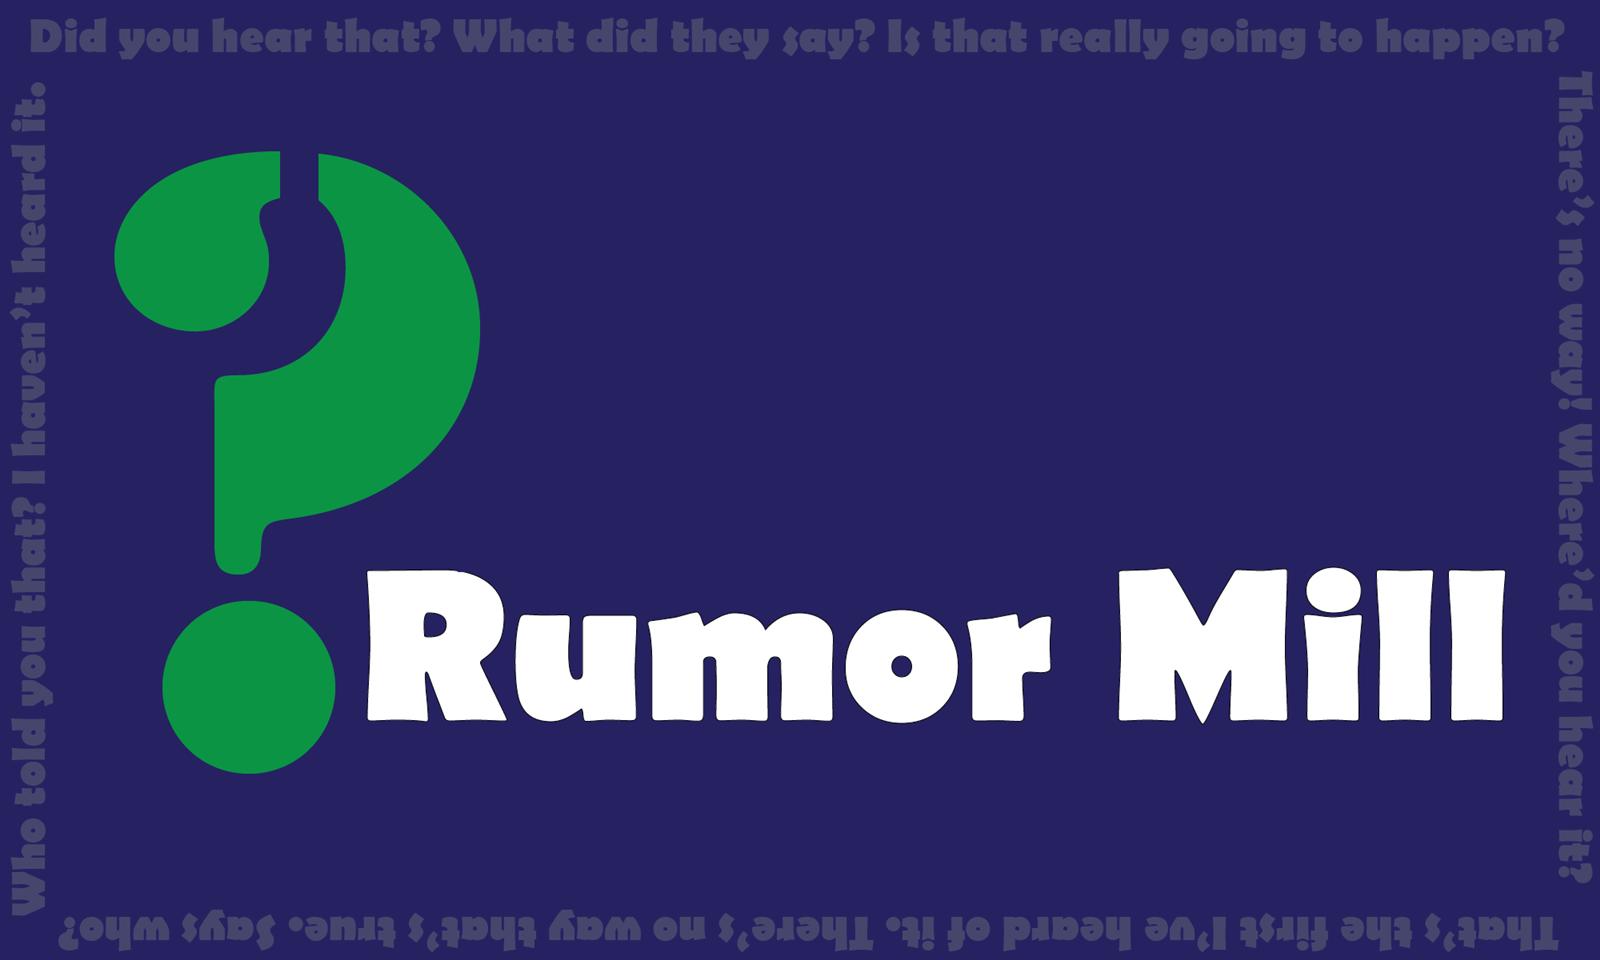 Rumor Mill logo